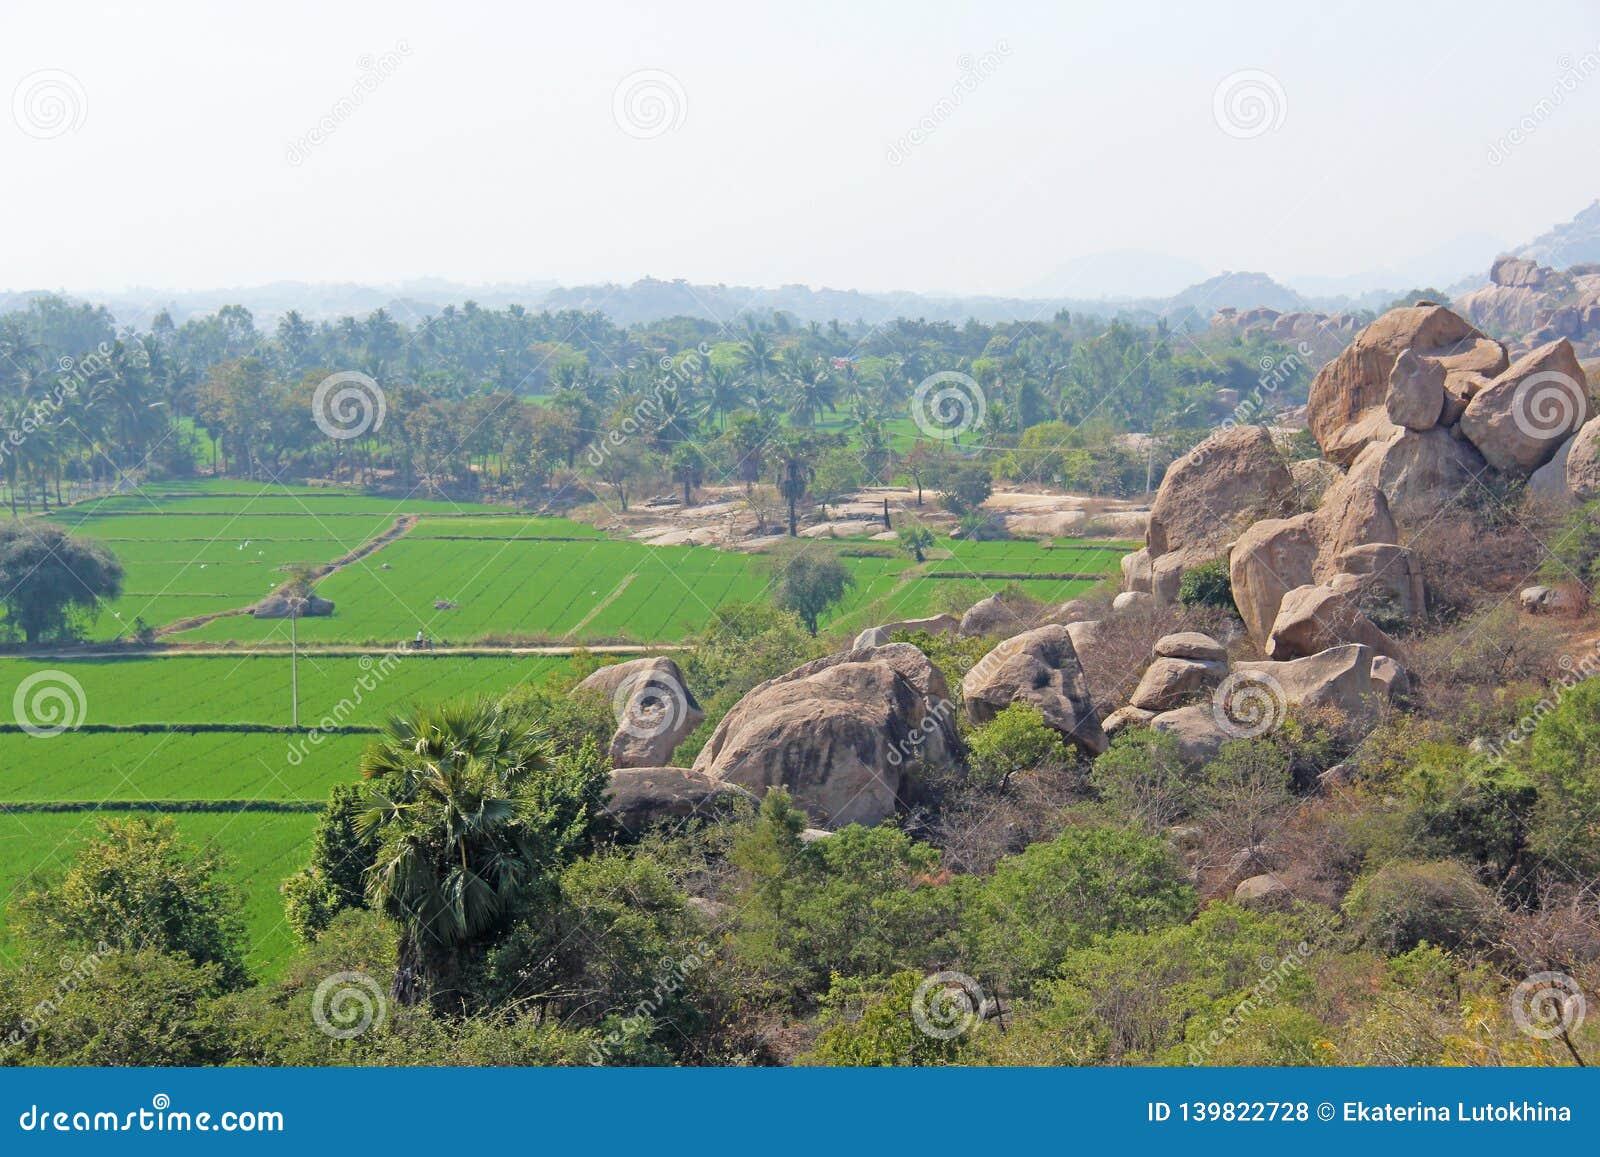 Πράσινα τομείς ή πεζούλια ρυζιού στο χωριό Hampi Φοίνικες, ήλιος, τομείς ρυζιού, μεγάλες πέτρες σε Hampi Τροπικός εξωτικός